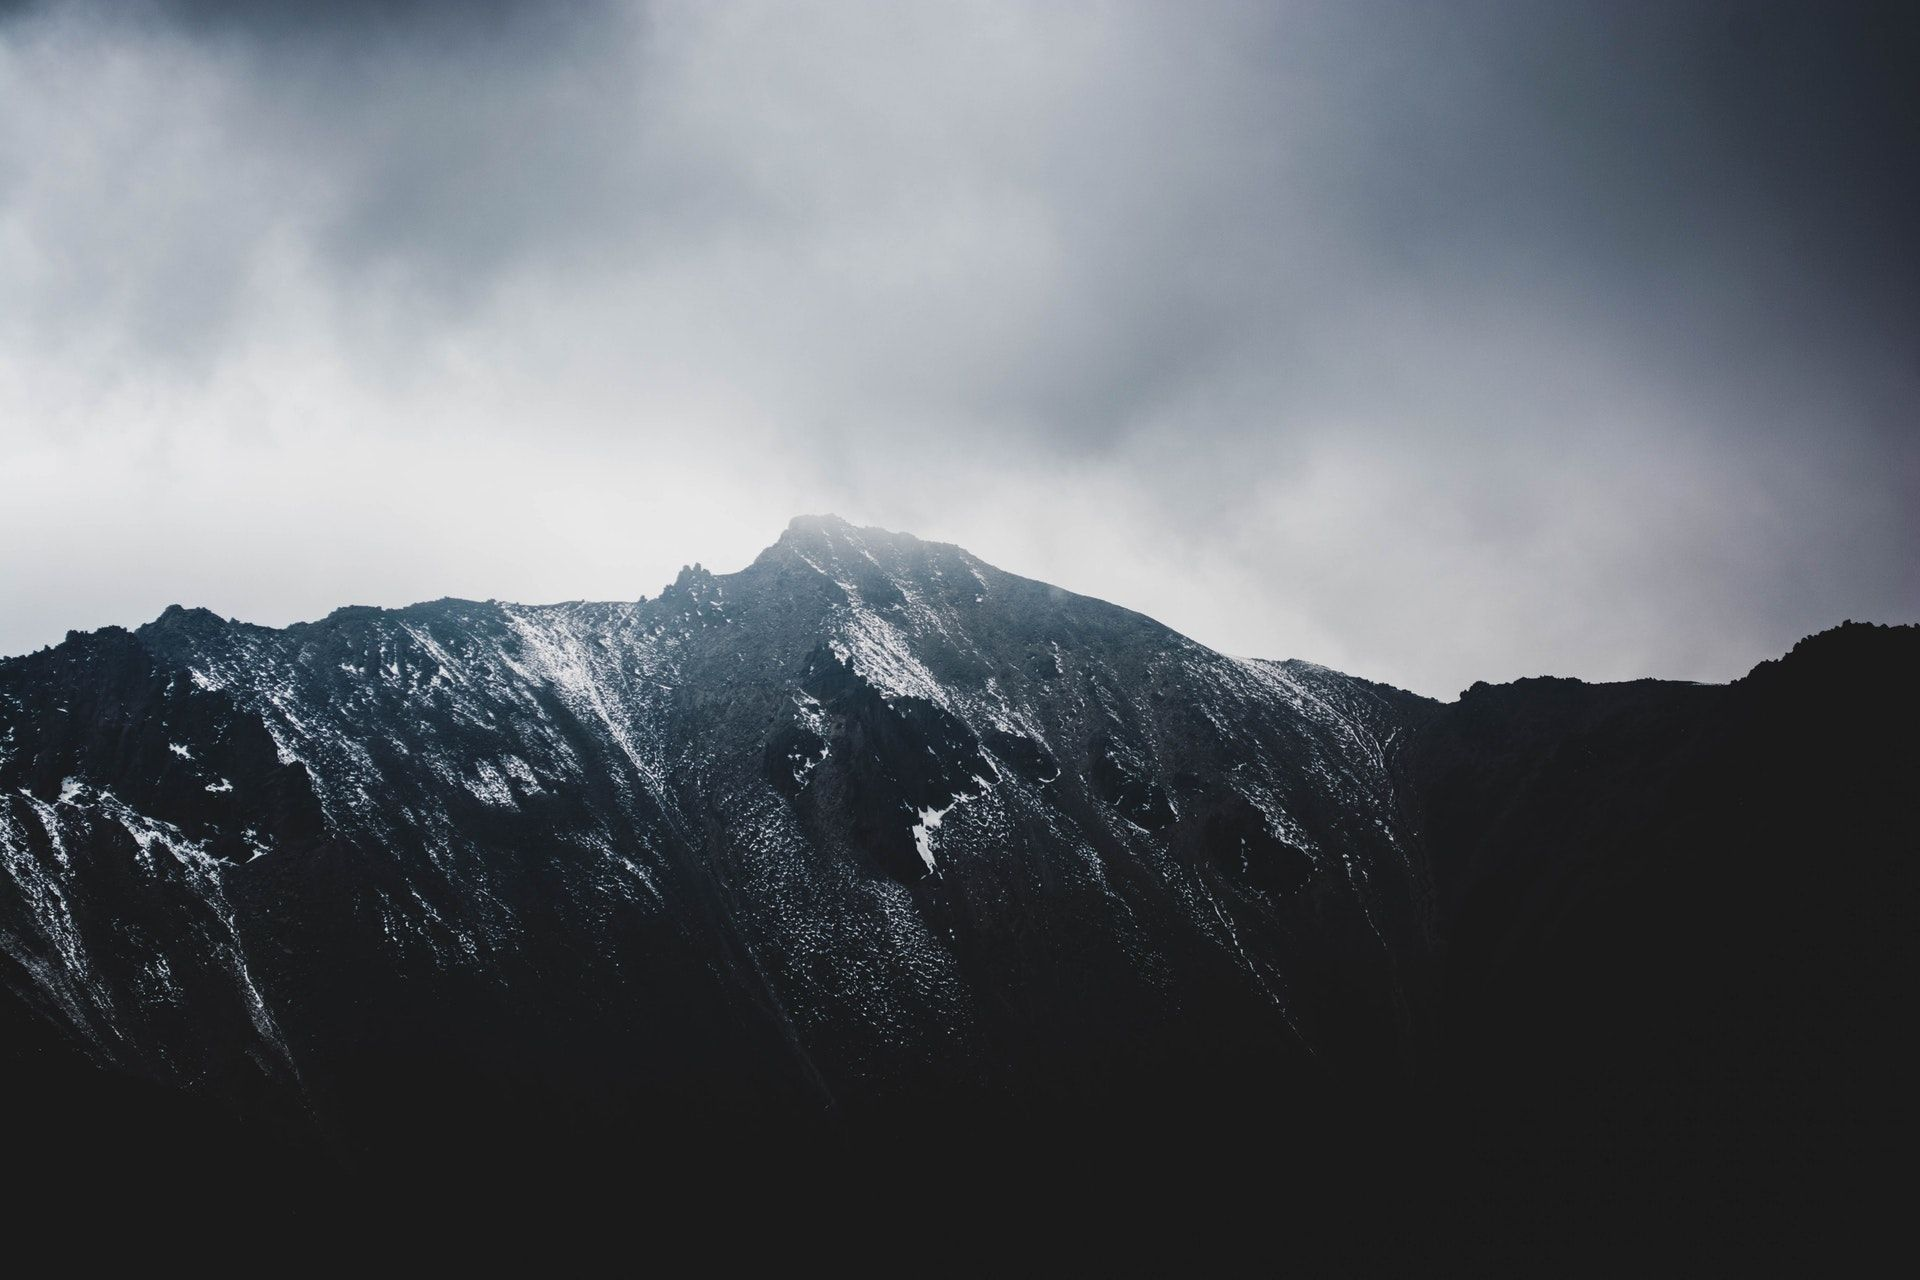 عکس زمینه کوه خاکستری در مه پس زمینه